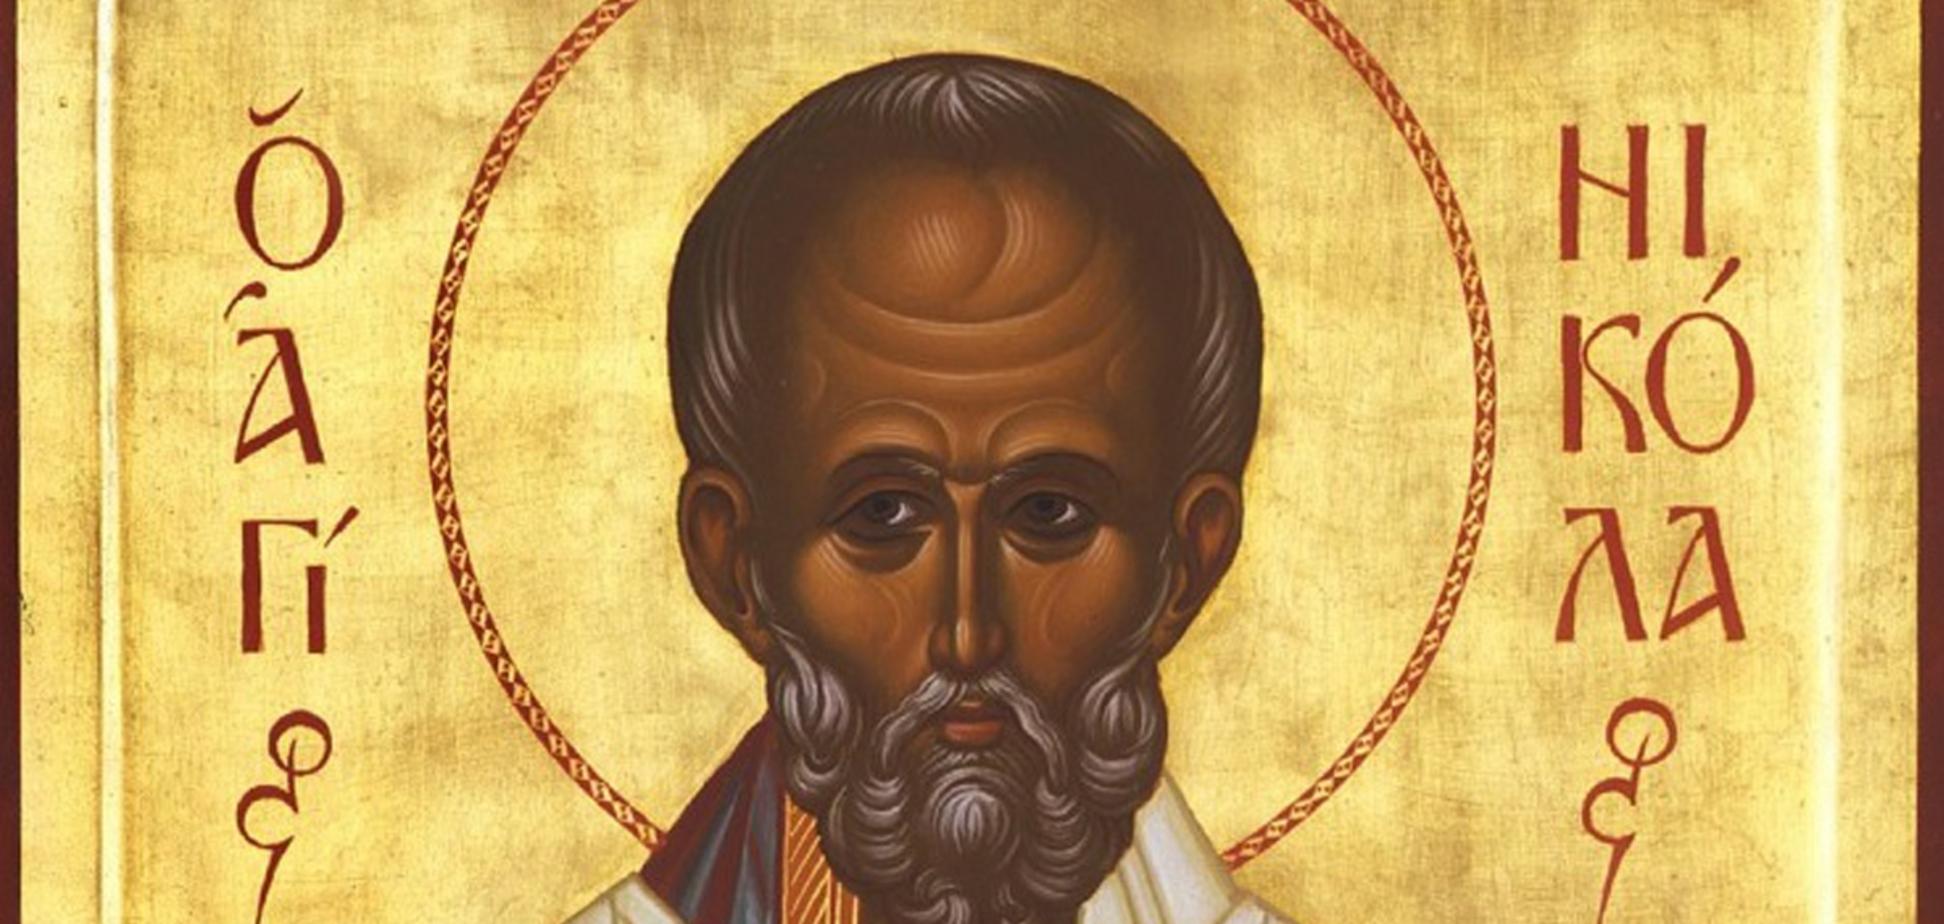 Святой Николай – один из самых почитаемых святых в христианстве